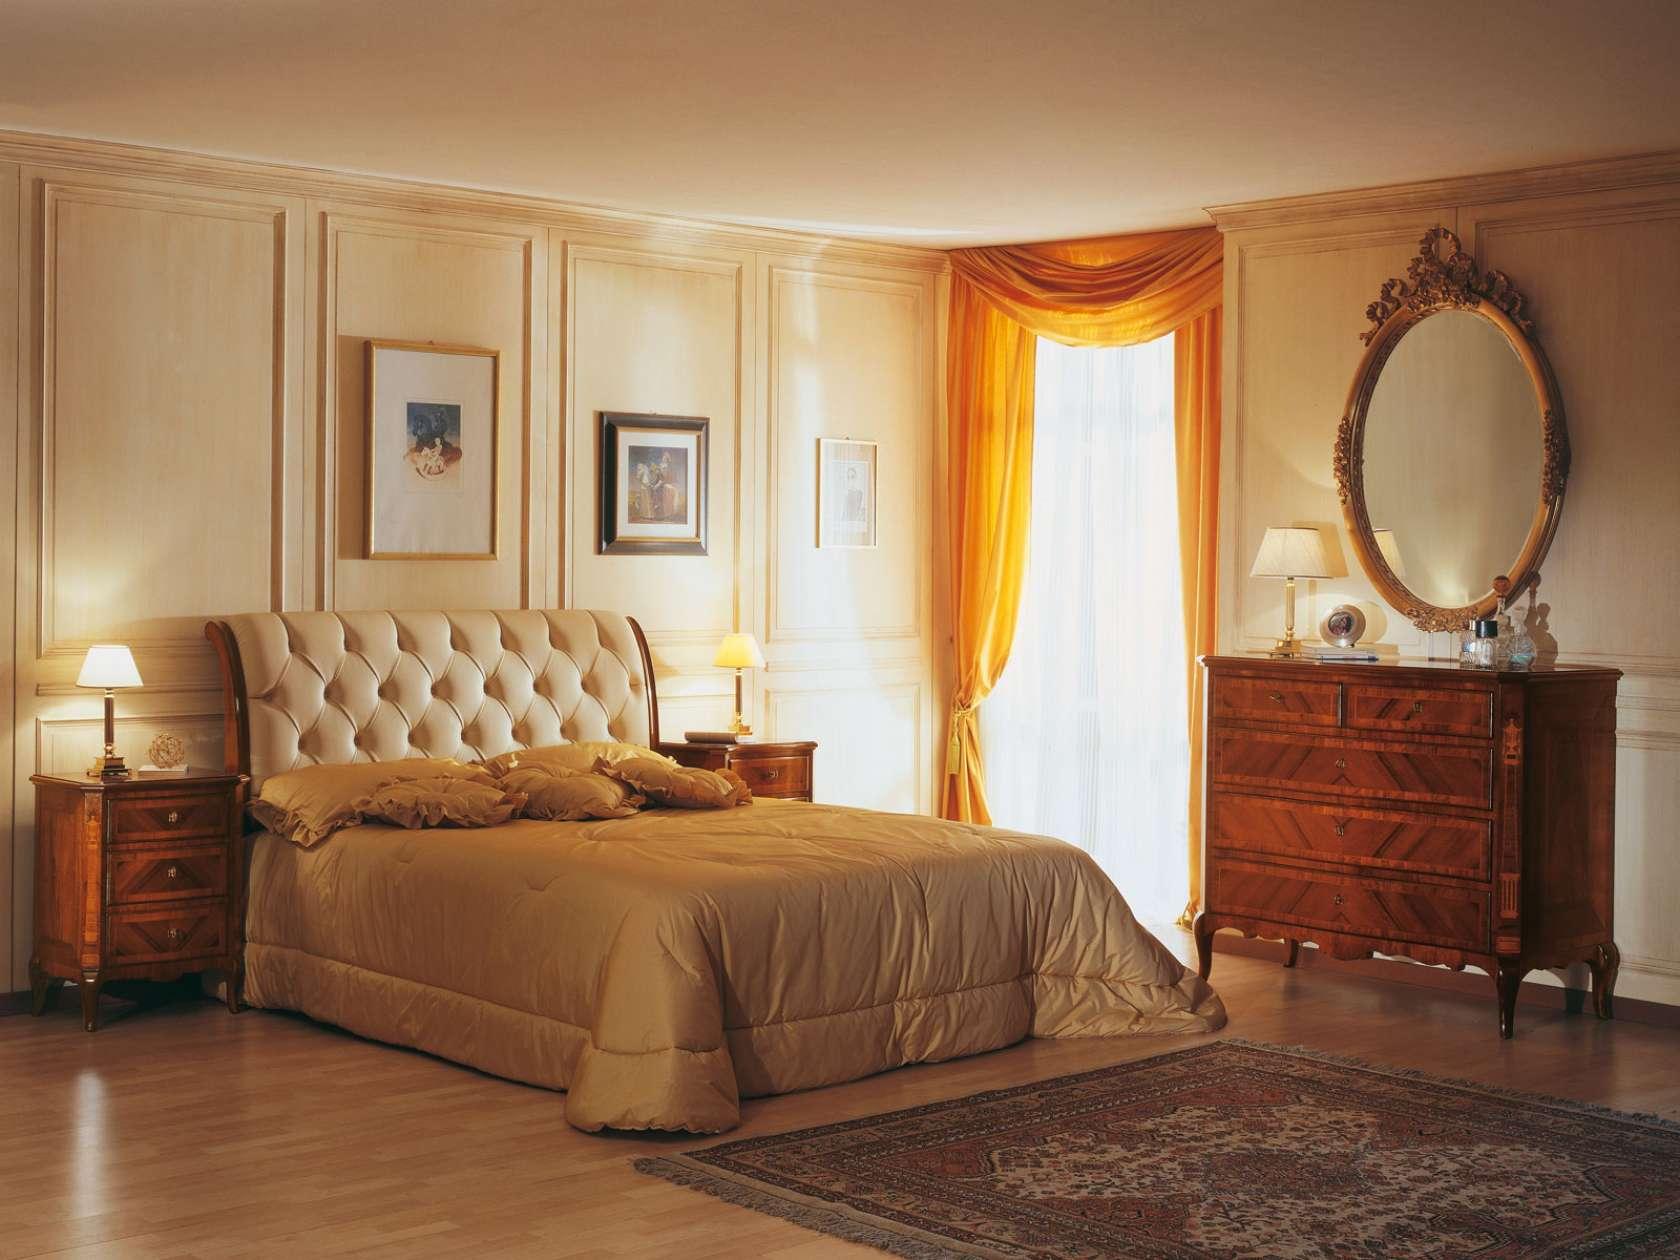 Letti Di Lusso In Pelle : Camera da letto francese letto in pelle capitonné specchiera